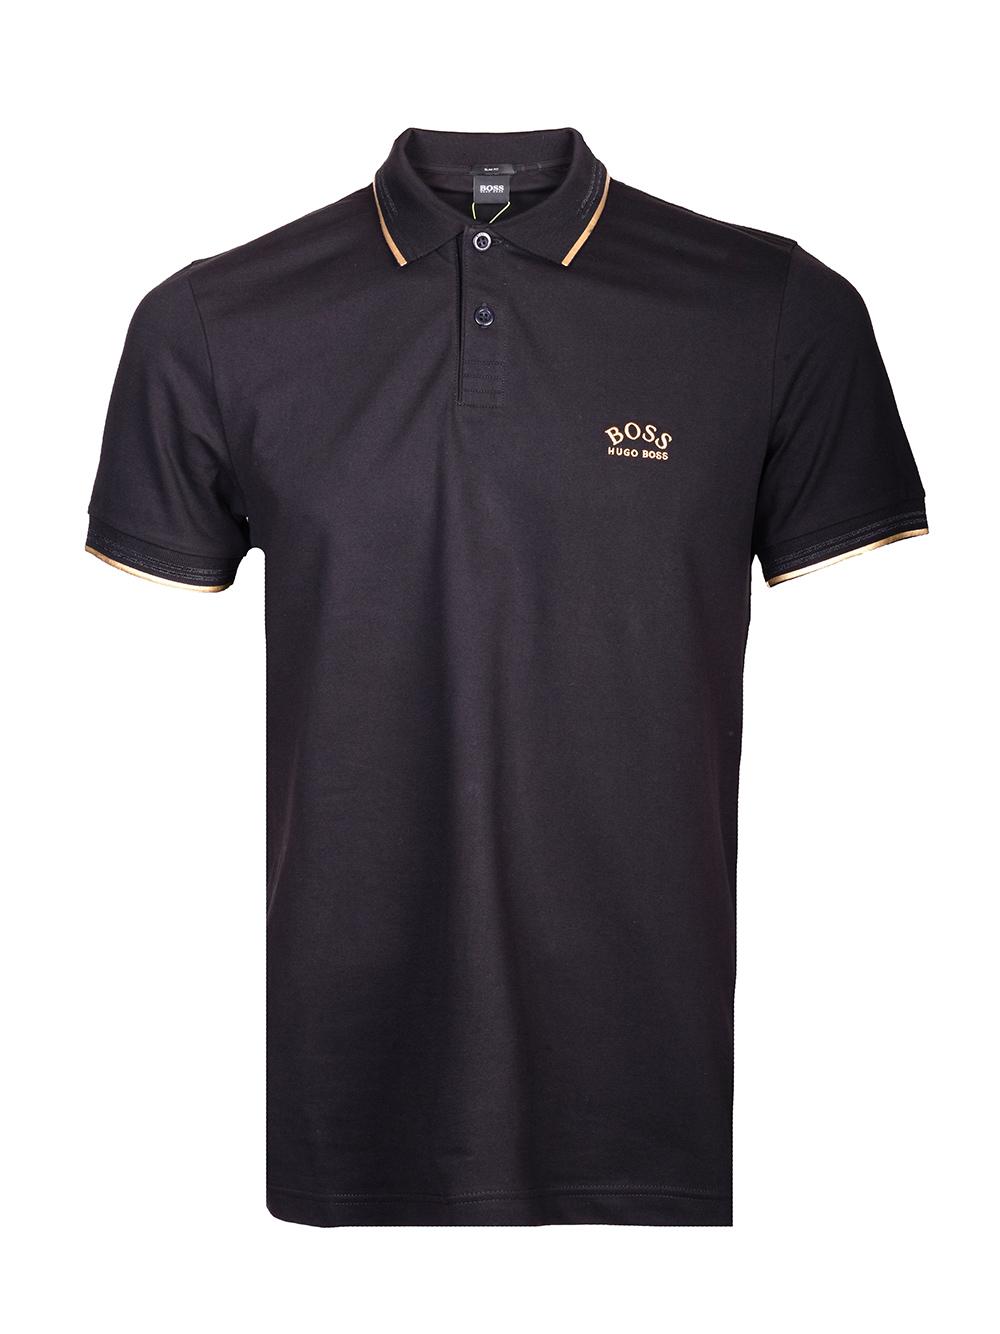 BOSS GREEN Μπλούζα Polo 50412675-001 ΜΑΥΡΟ